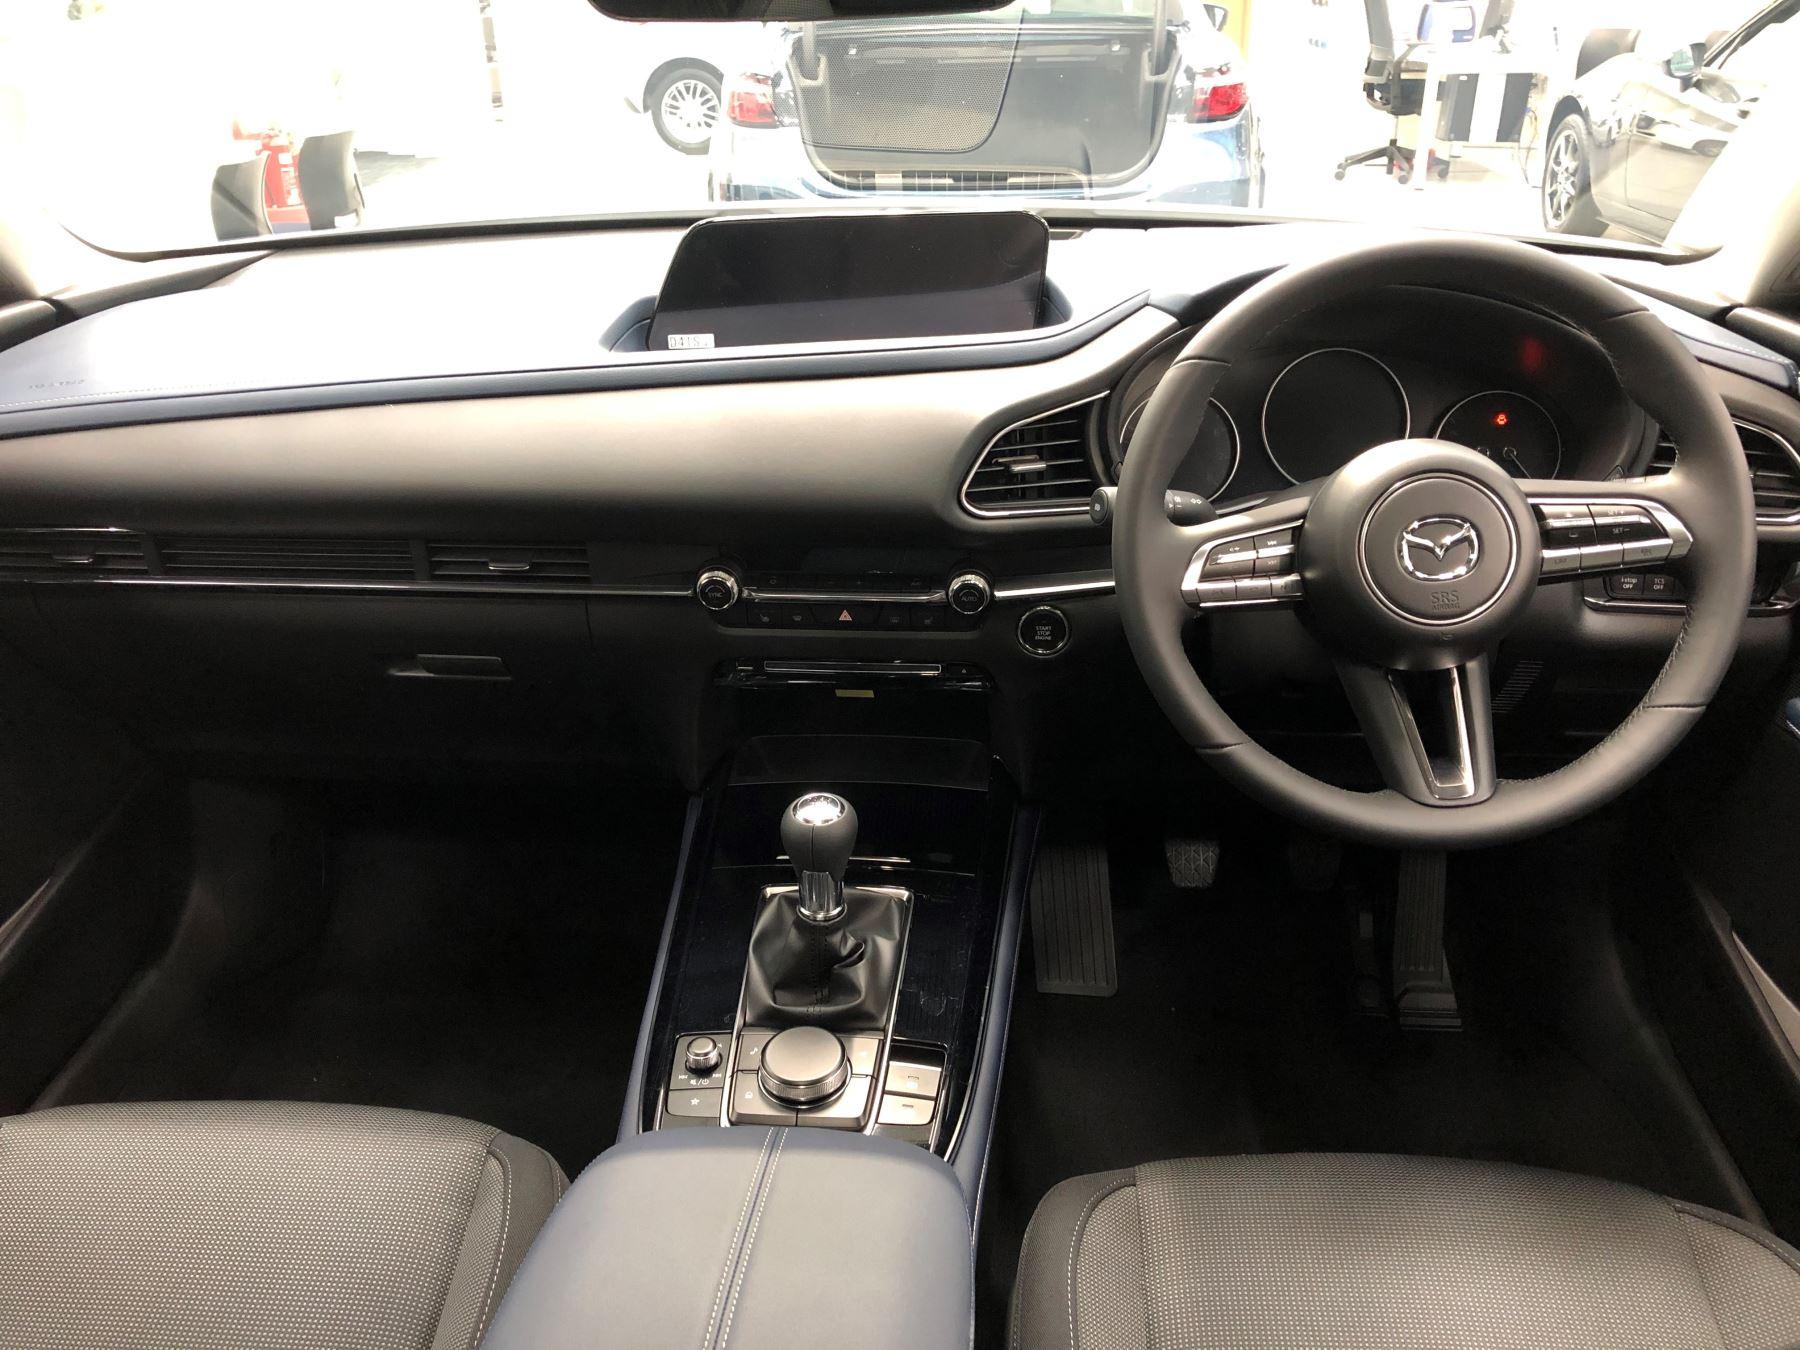 Mazda CX-30 2.0 Skyactiv-X MHEV Sport Lux image 6